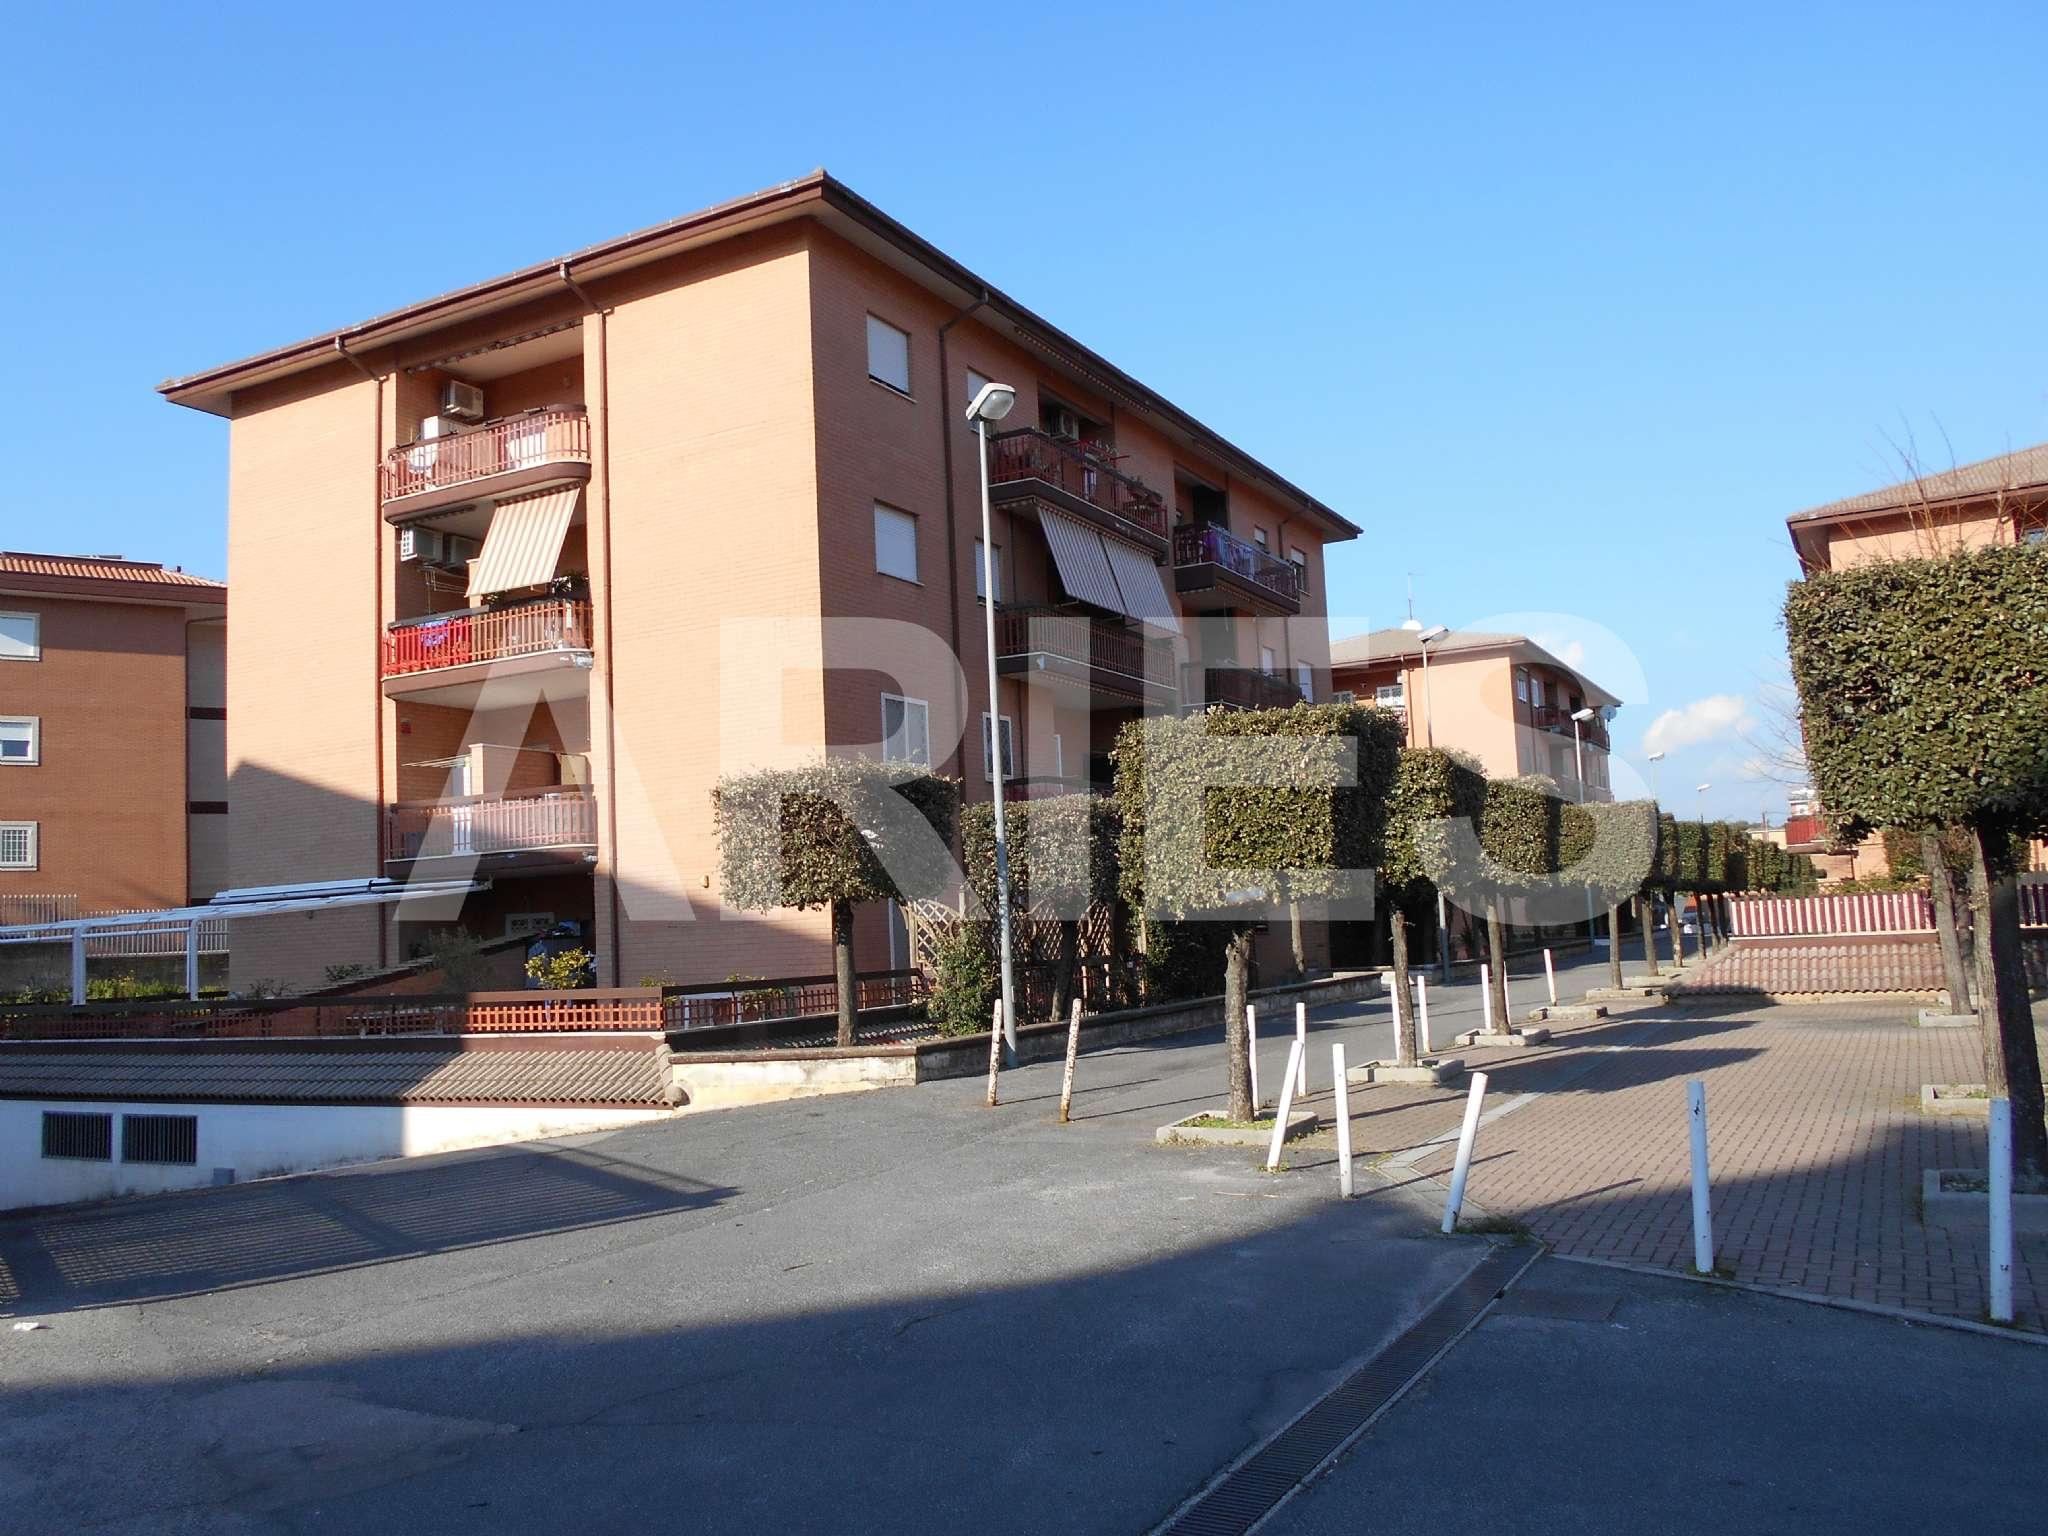 Appartamento in vendita a Aprilia, 3 locali, prezzo € 165.000 | PortaleAgenzieImmobiliari.it